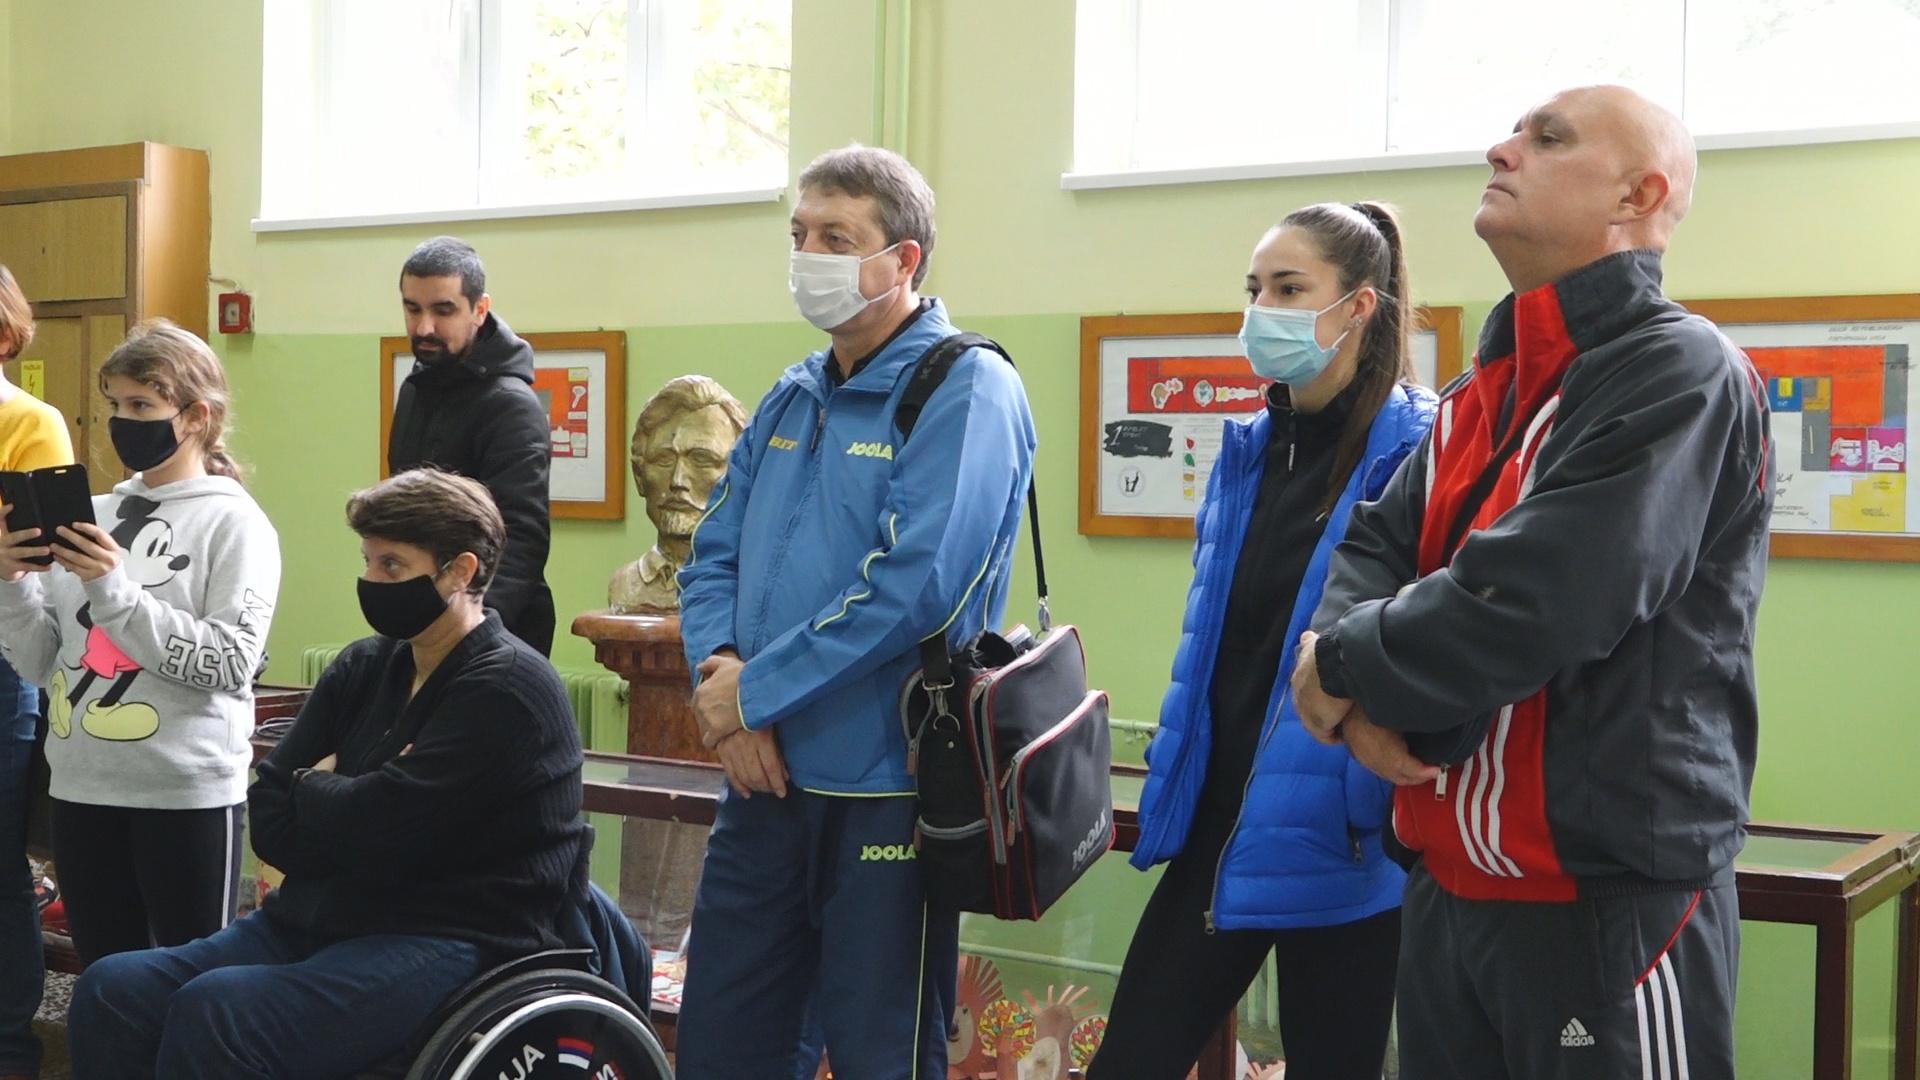 Pored Bebe Perić Ranković, učenici mogu da računaju i na Šandora Poljaka, Reku Bezeg i Dejana Zeremskog